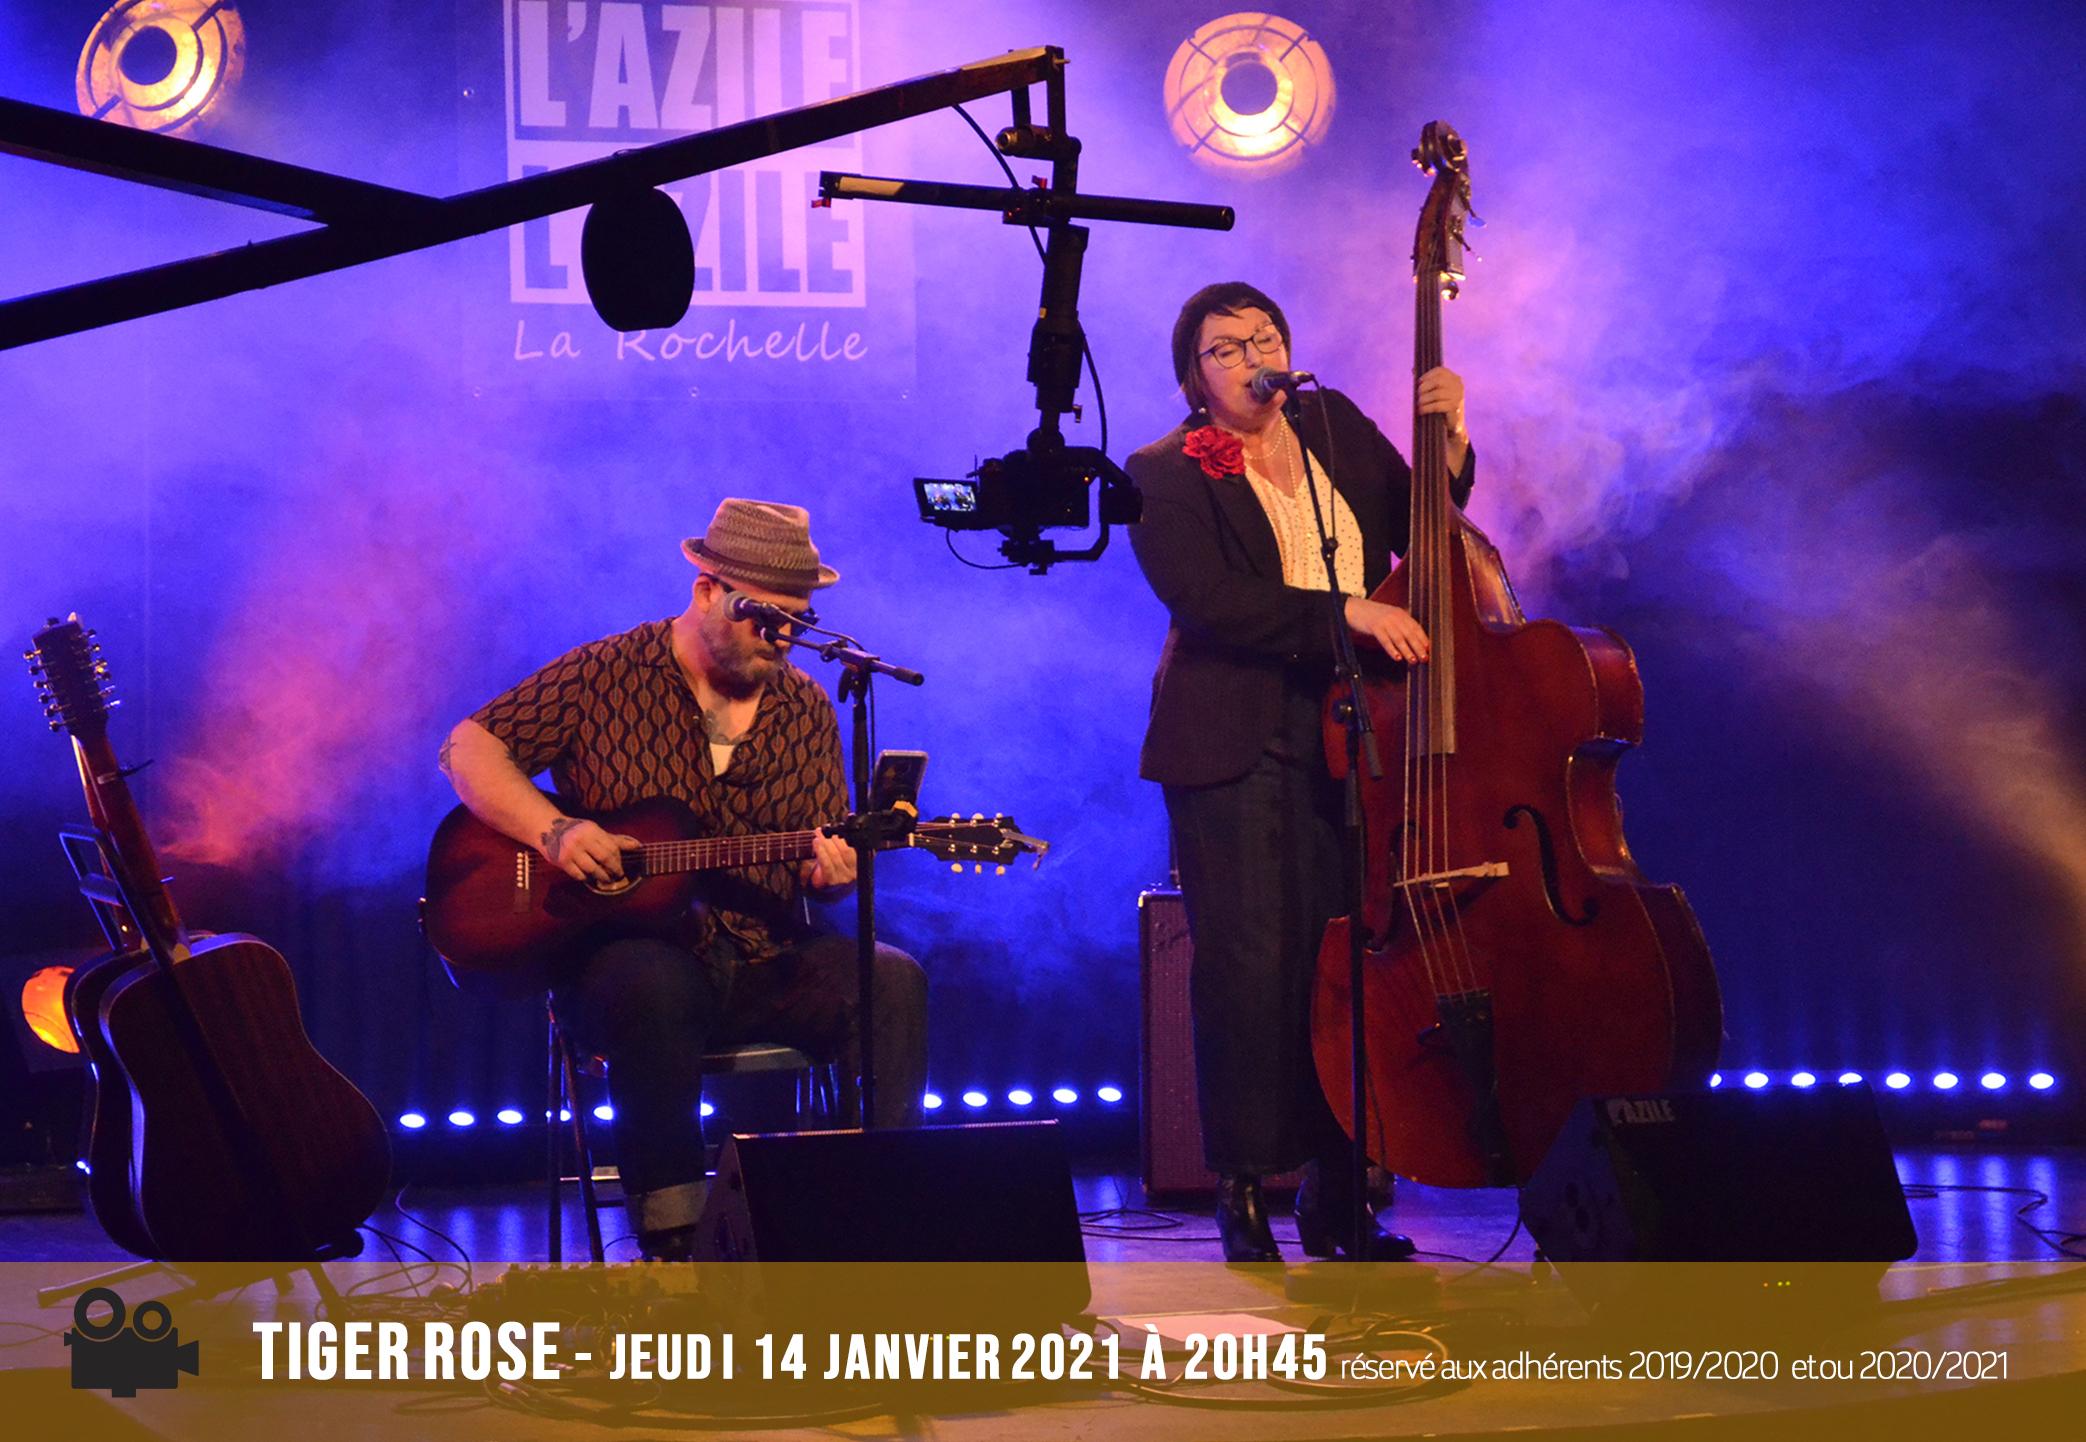 Annonce Concert en Live Stream - Tiger Rose 14 janvier 2021 - BD